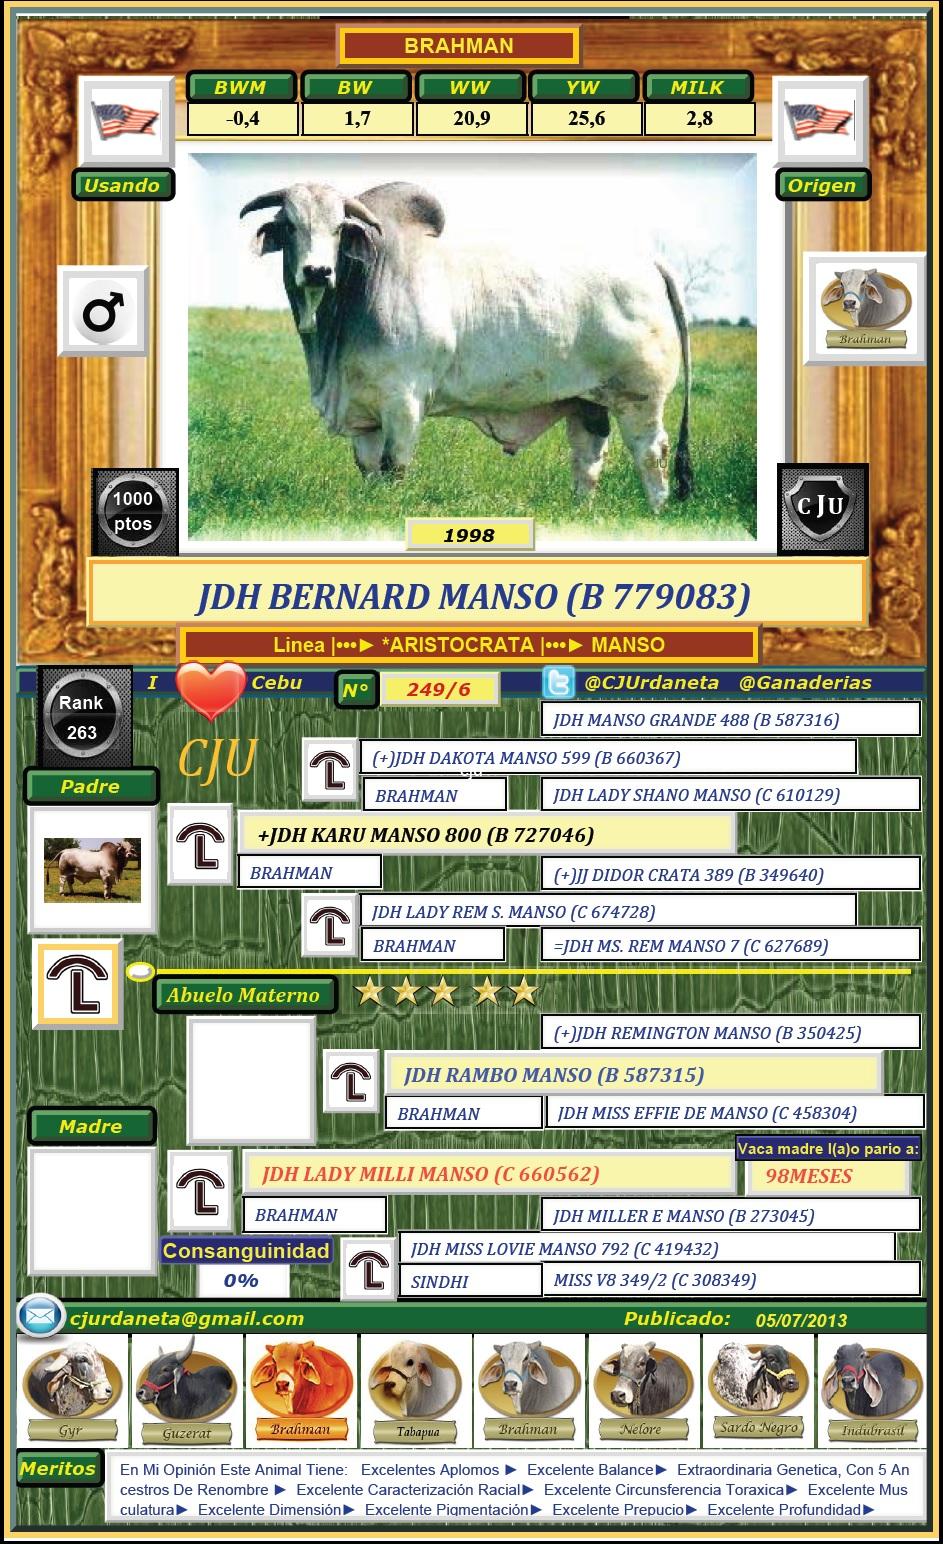 JDH BERNARD MANSO (B 779083)